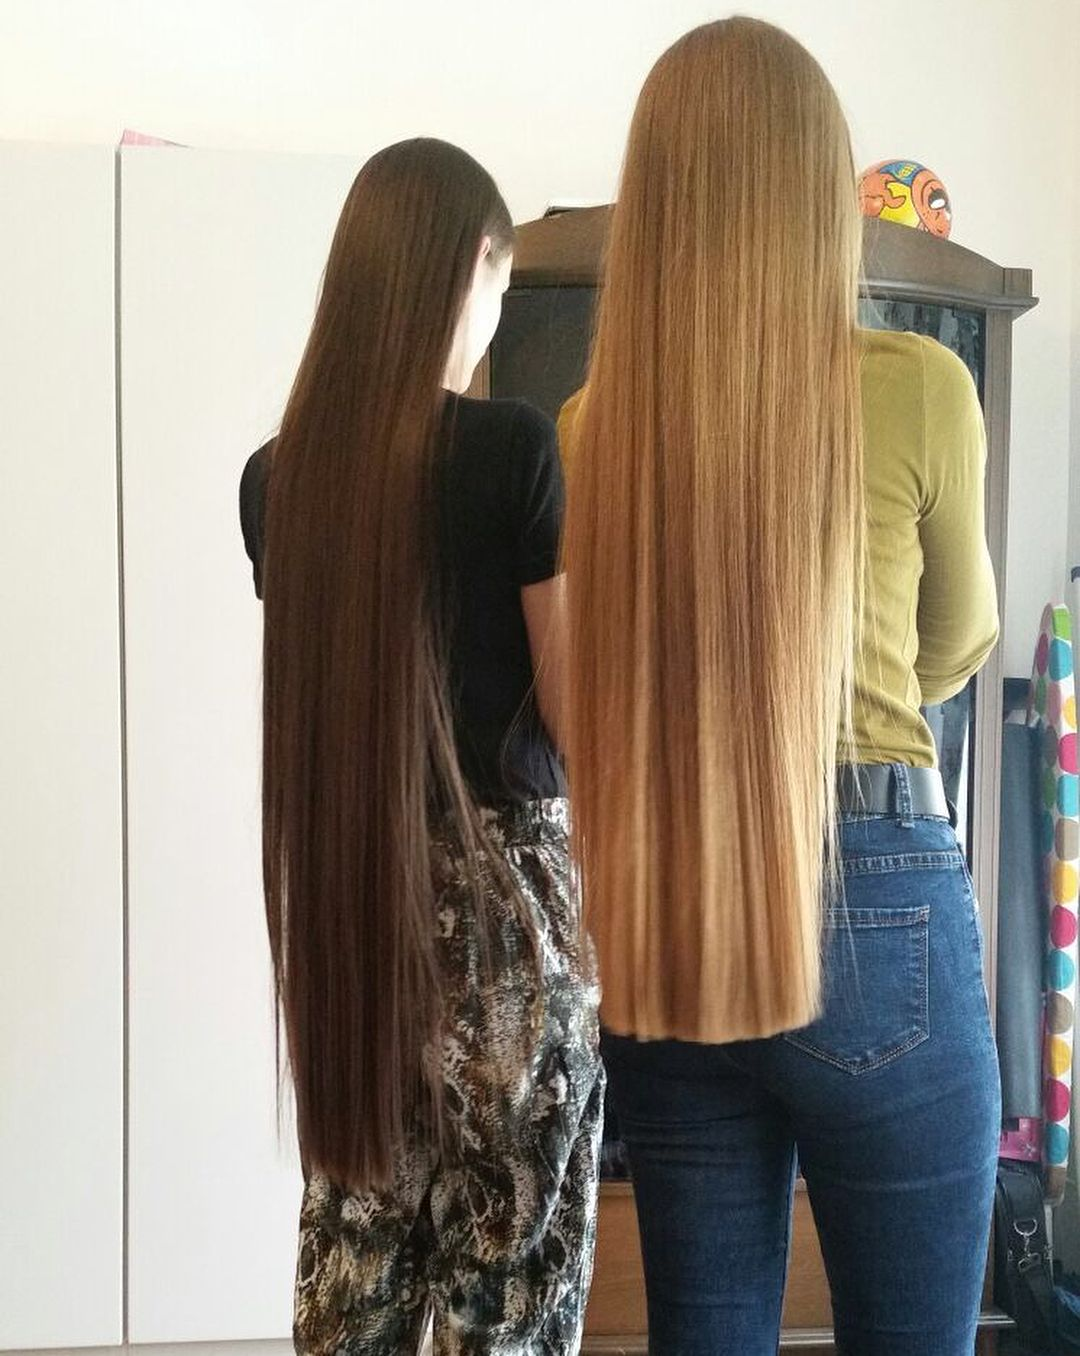 картинки подруг для длинных волос под